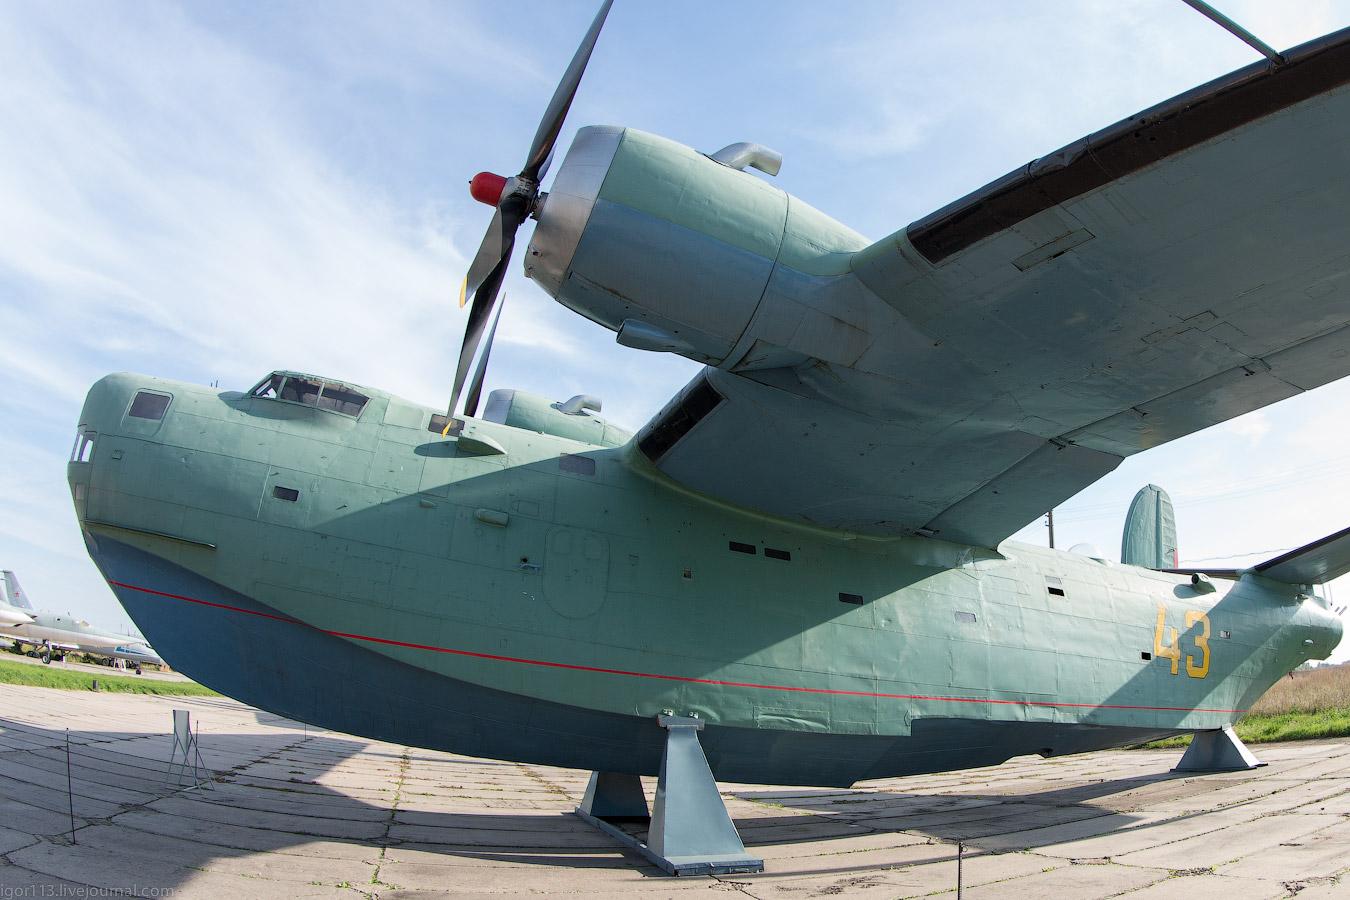 Азербайджан купит 10 украинских самолетов АН-178 - Цензор.НЕТ 7555